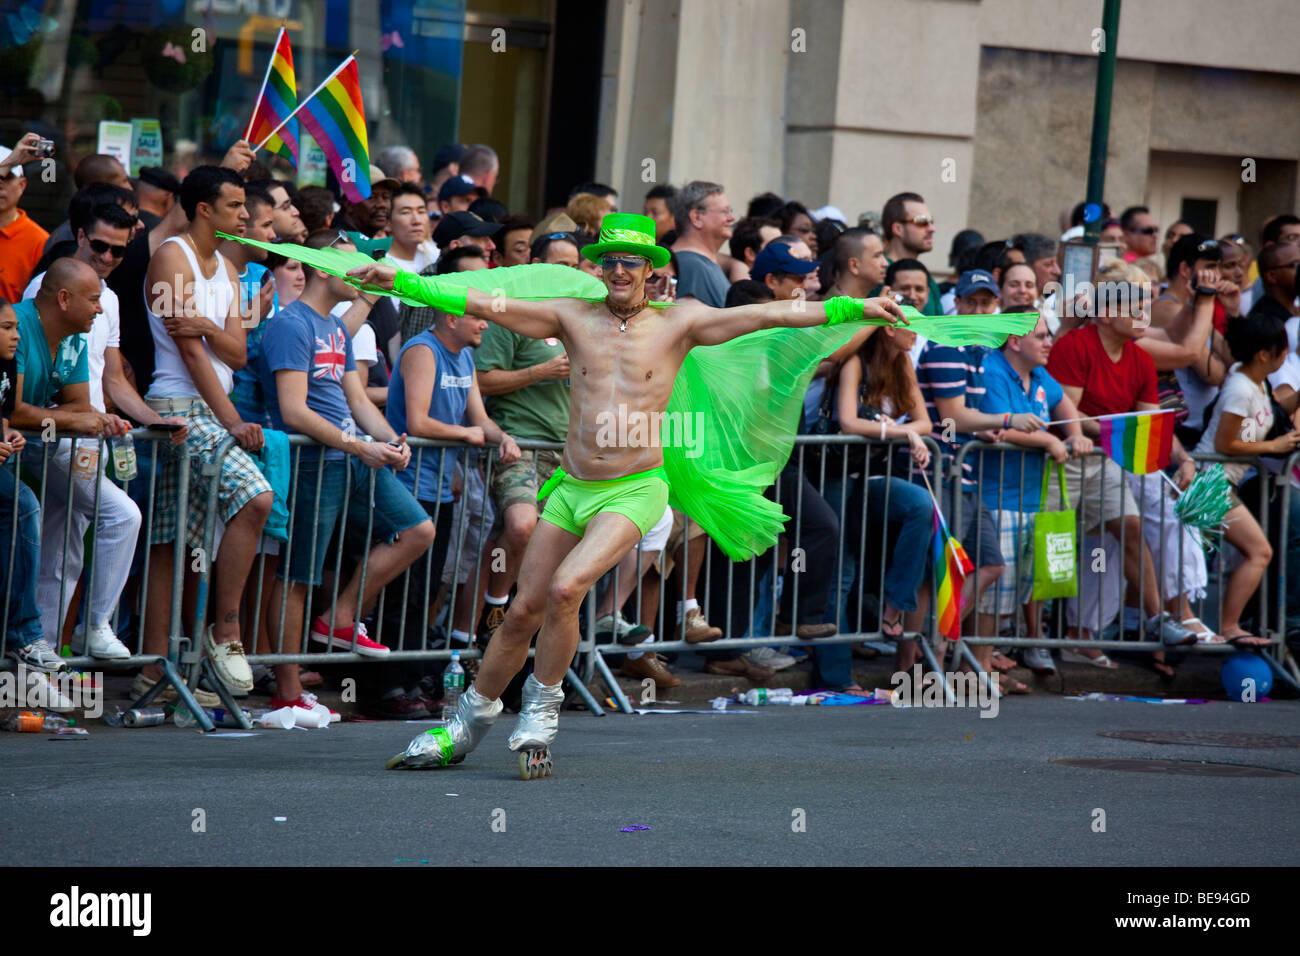 New orleans gay strip club